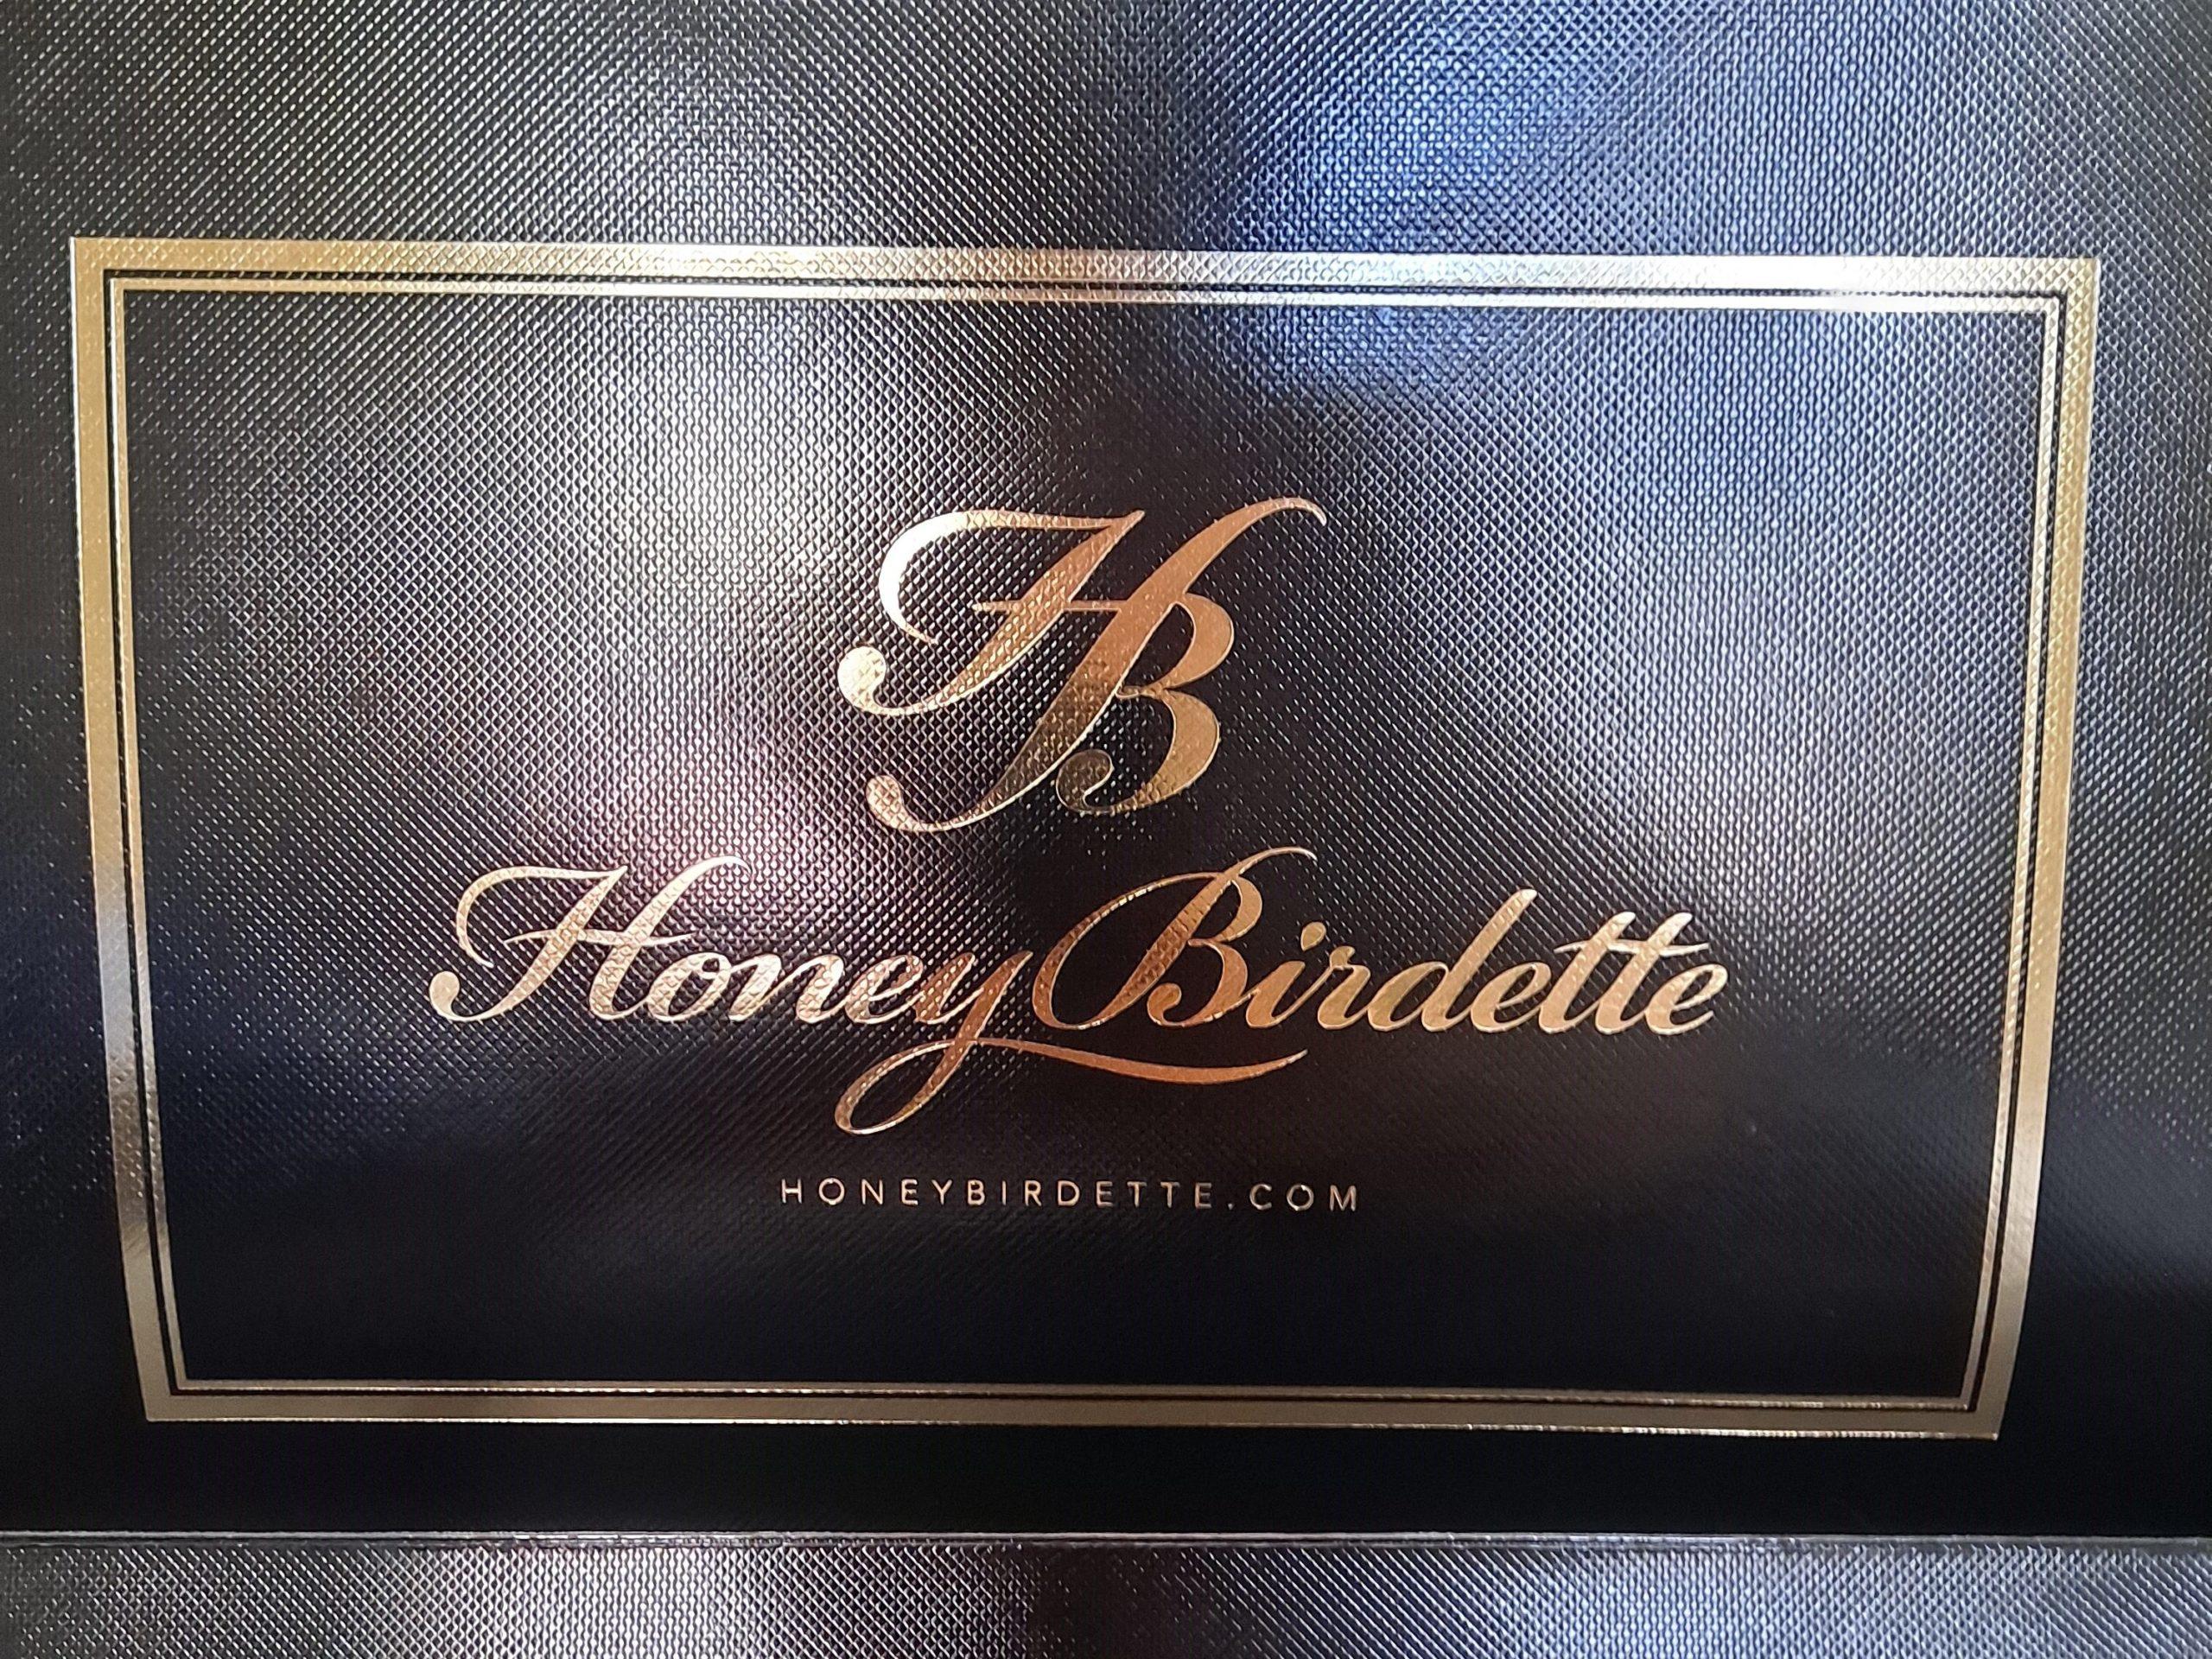 Honey birdette lingerie